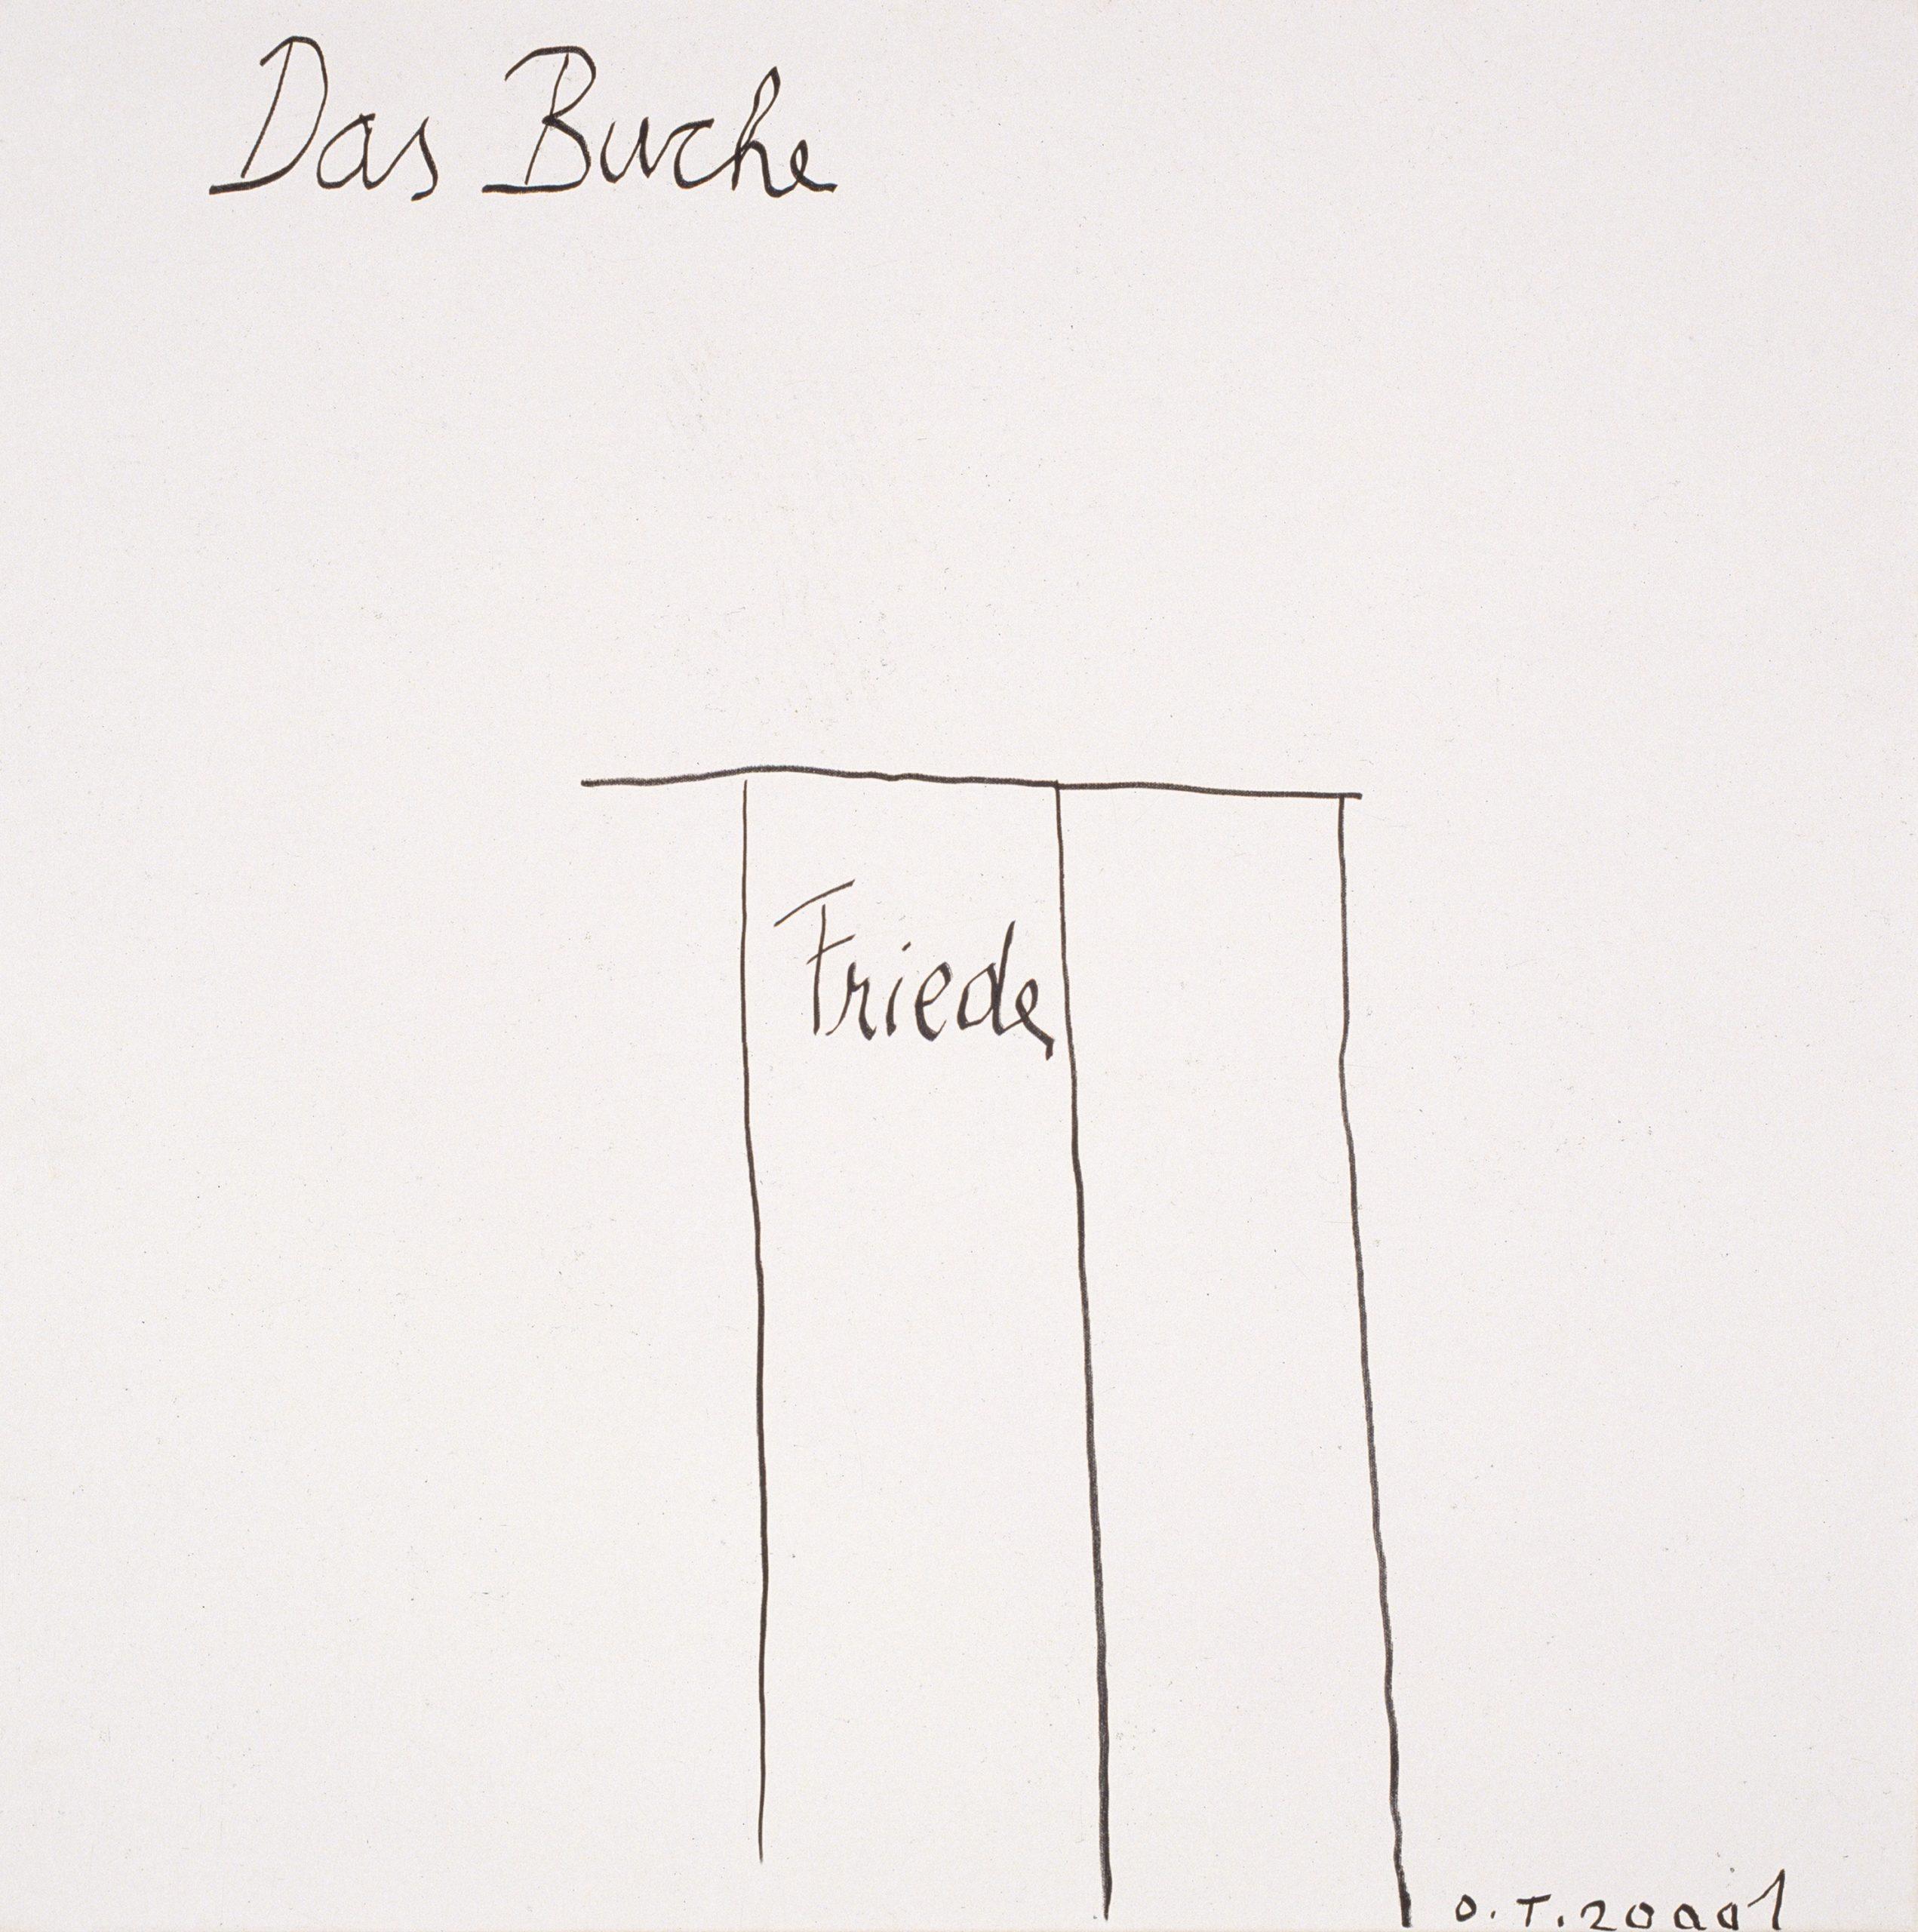 tschirtner oswald - Das Buche / The book